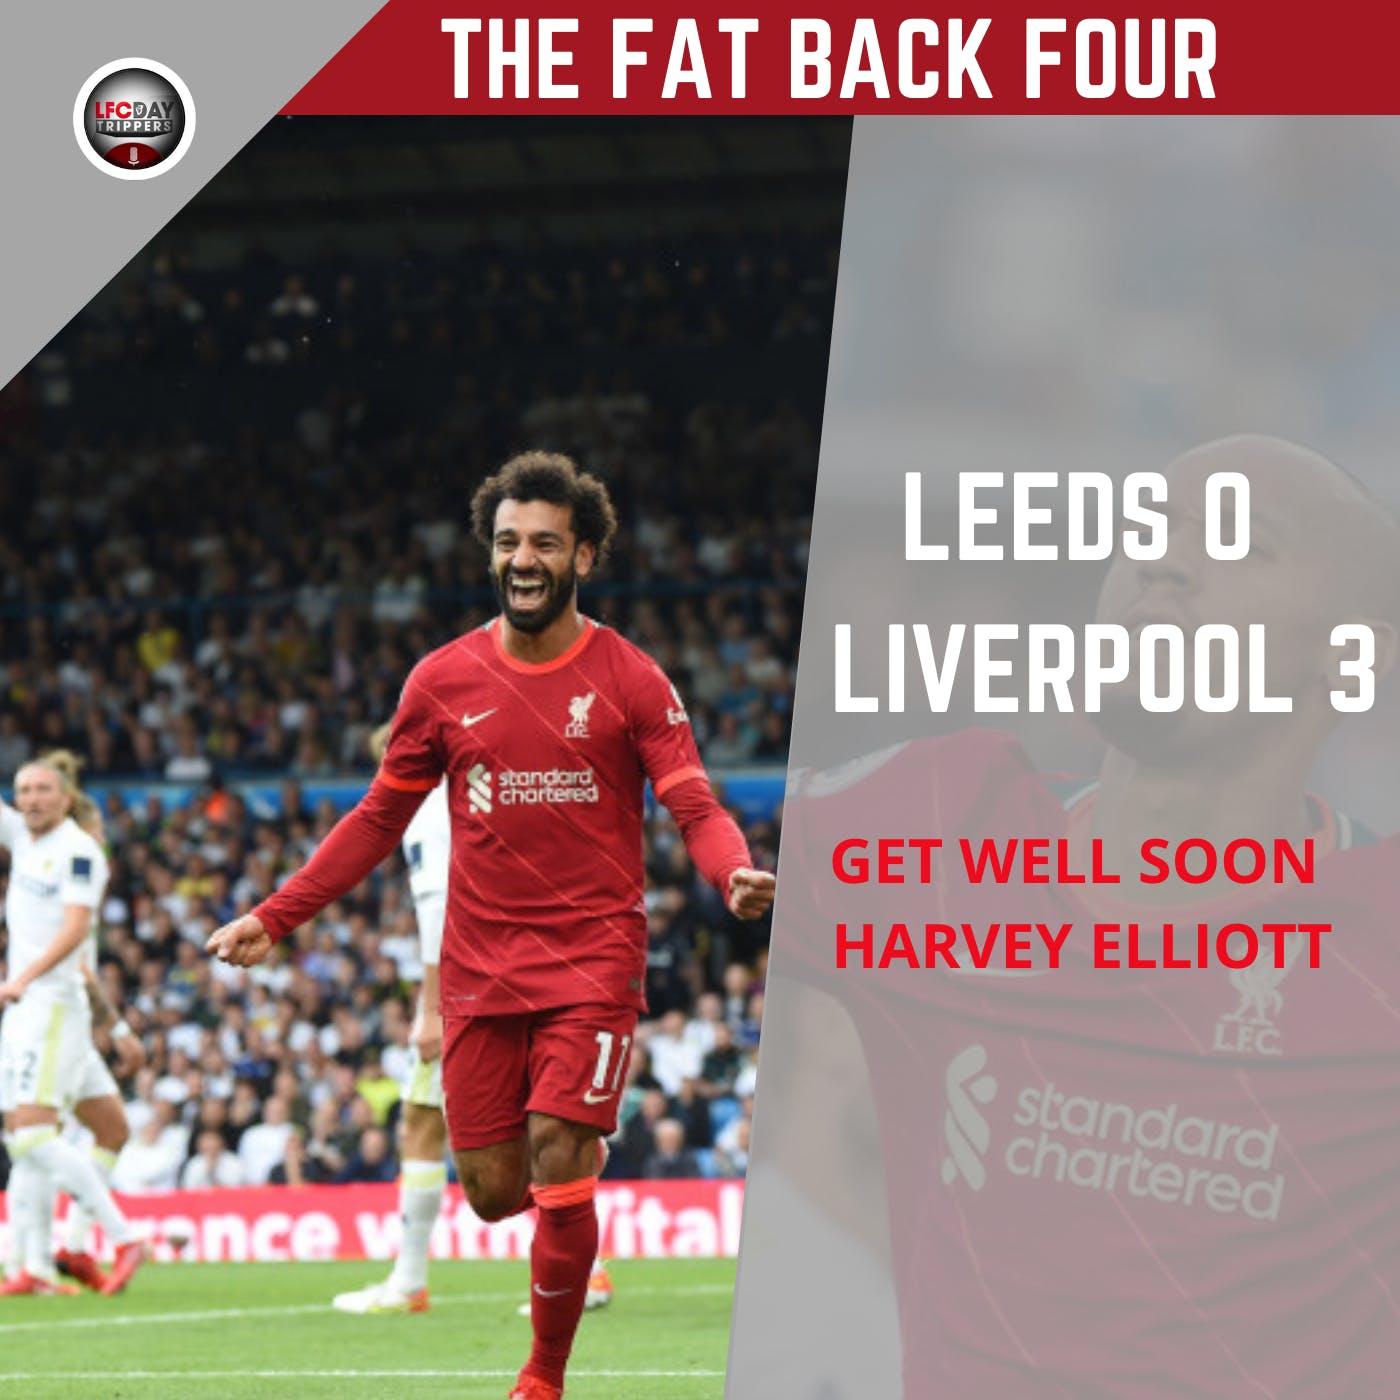 Leeds 0 Liverpool 3 | Harvey Elliott Injury | FB4